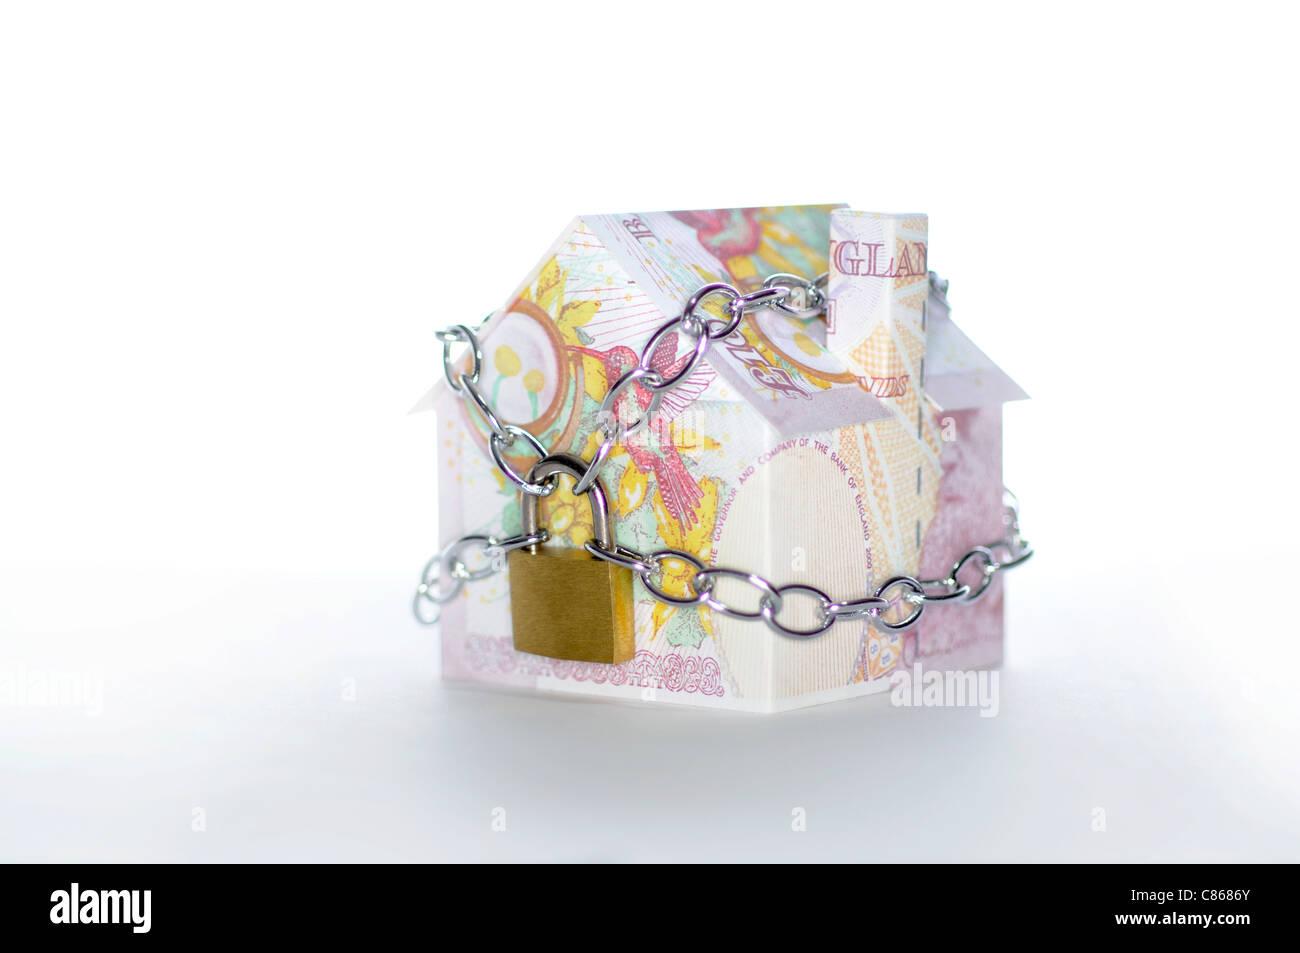 Maison modèle plié avec British pound billets enchaînés et cadenassé Photo Stock